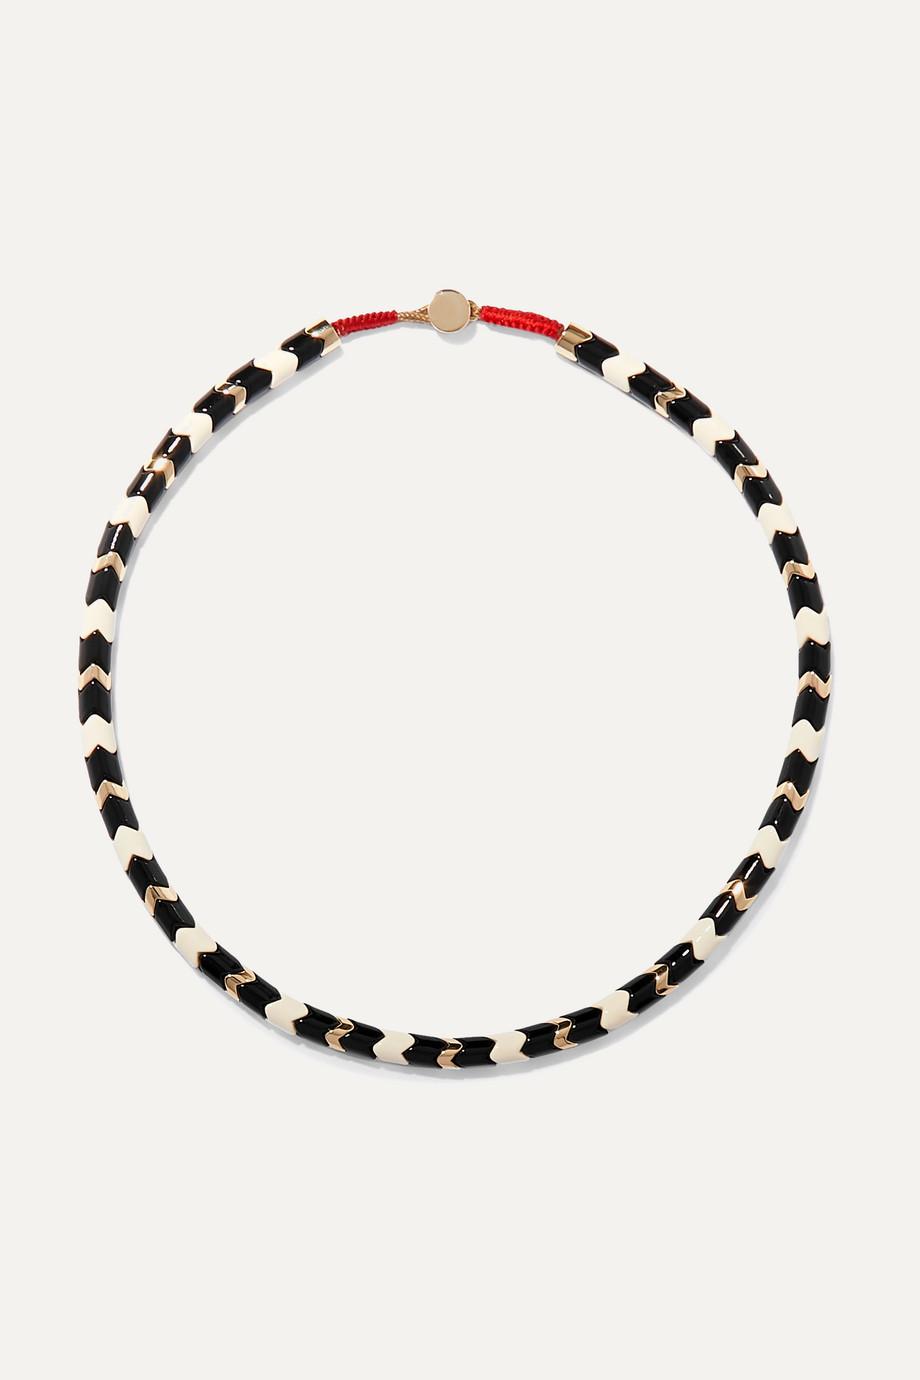 록산느 애슐린 목걸이 Roxanne Assoulin Suit Yourself gold-tone and enamel necklace,Black